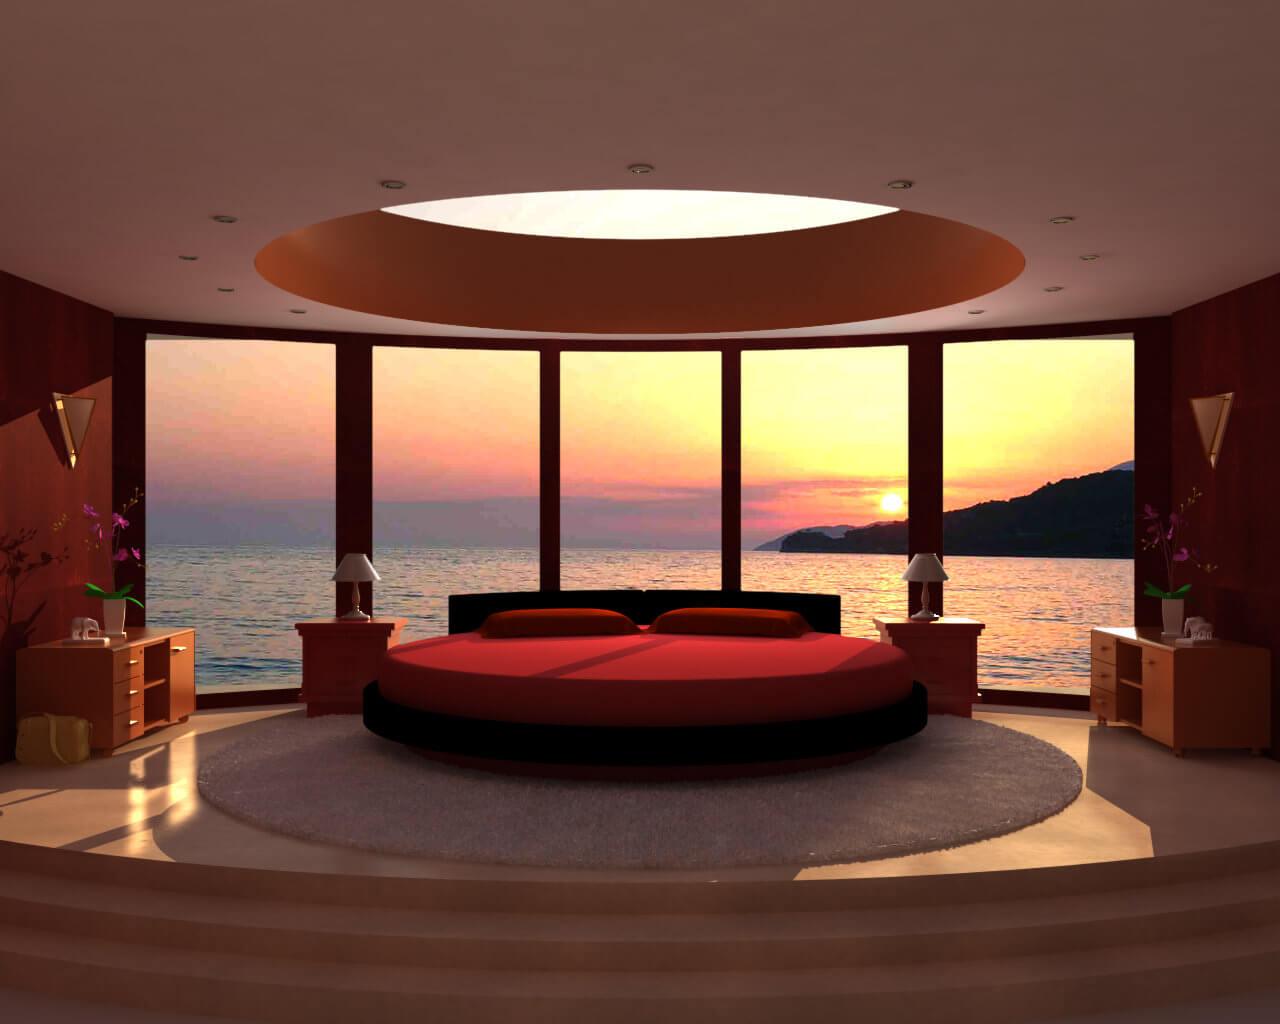 10 ravishing red bedroom interior design ideas for Red interior design ideas